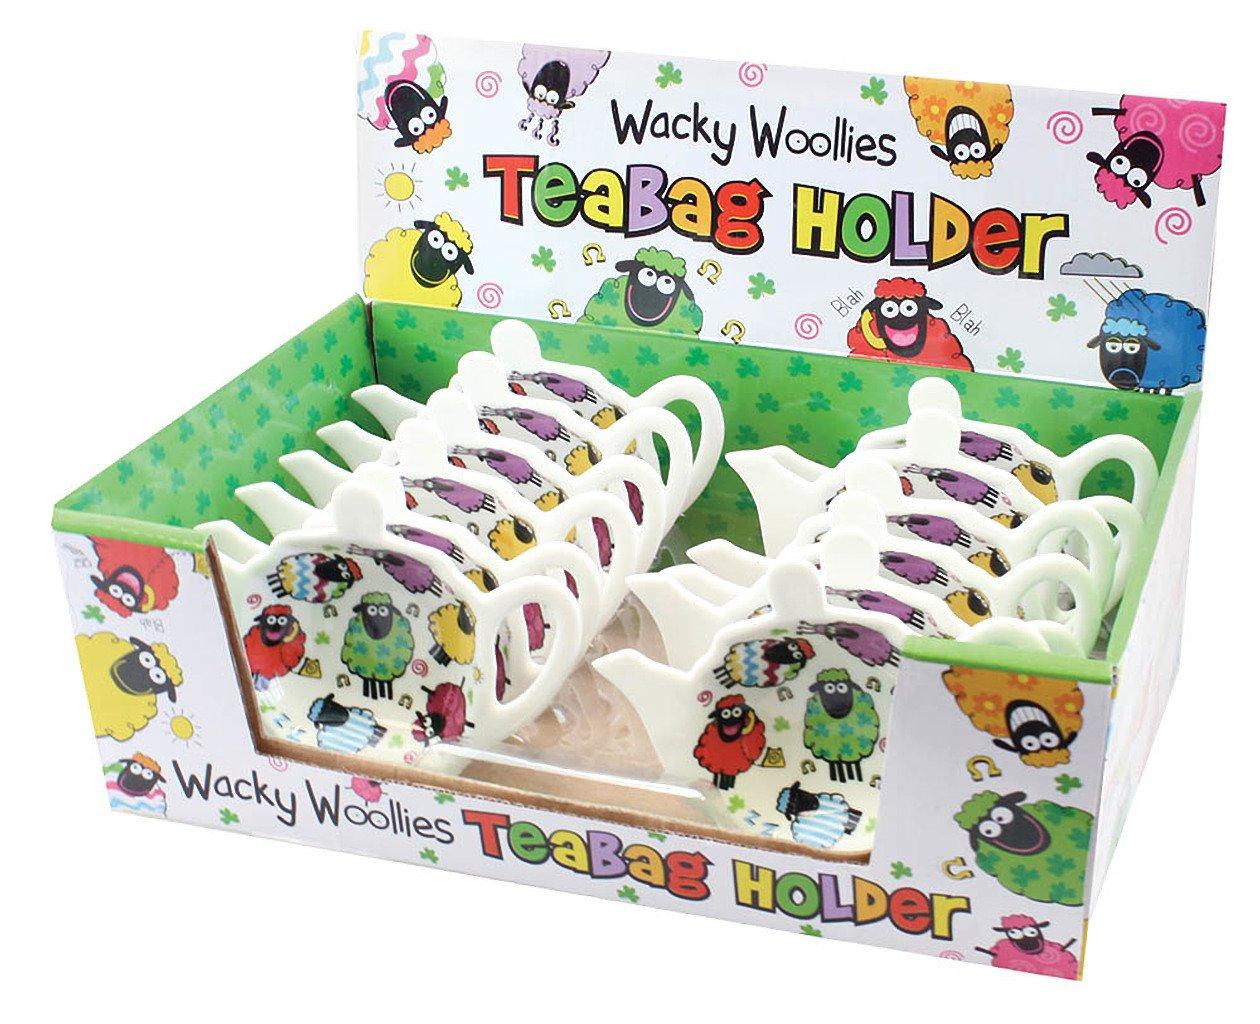 Tea Bag Holder, Wacky Woollies